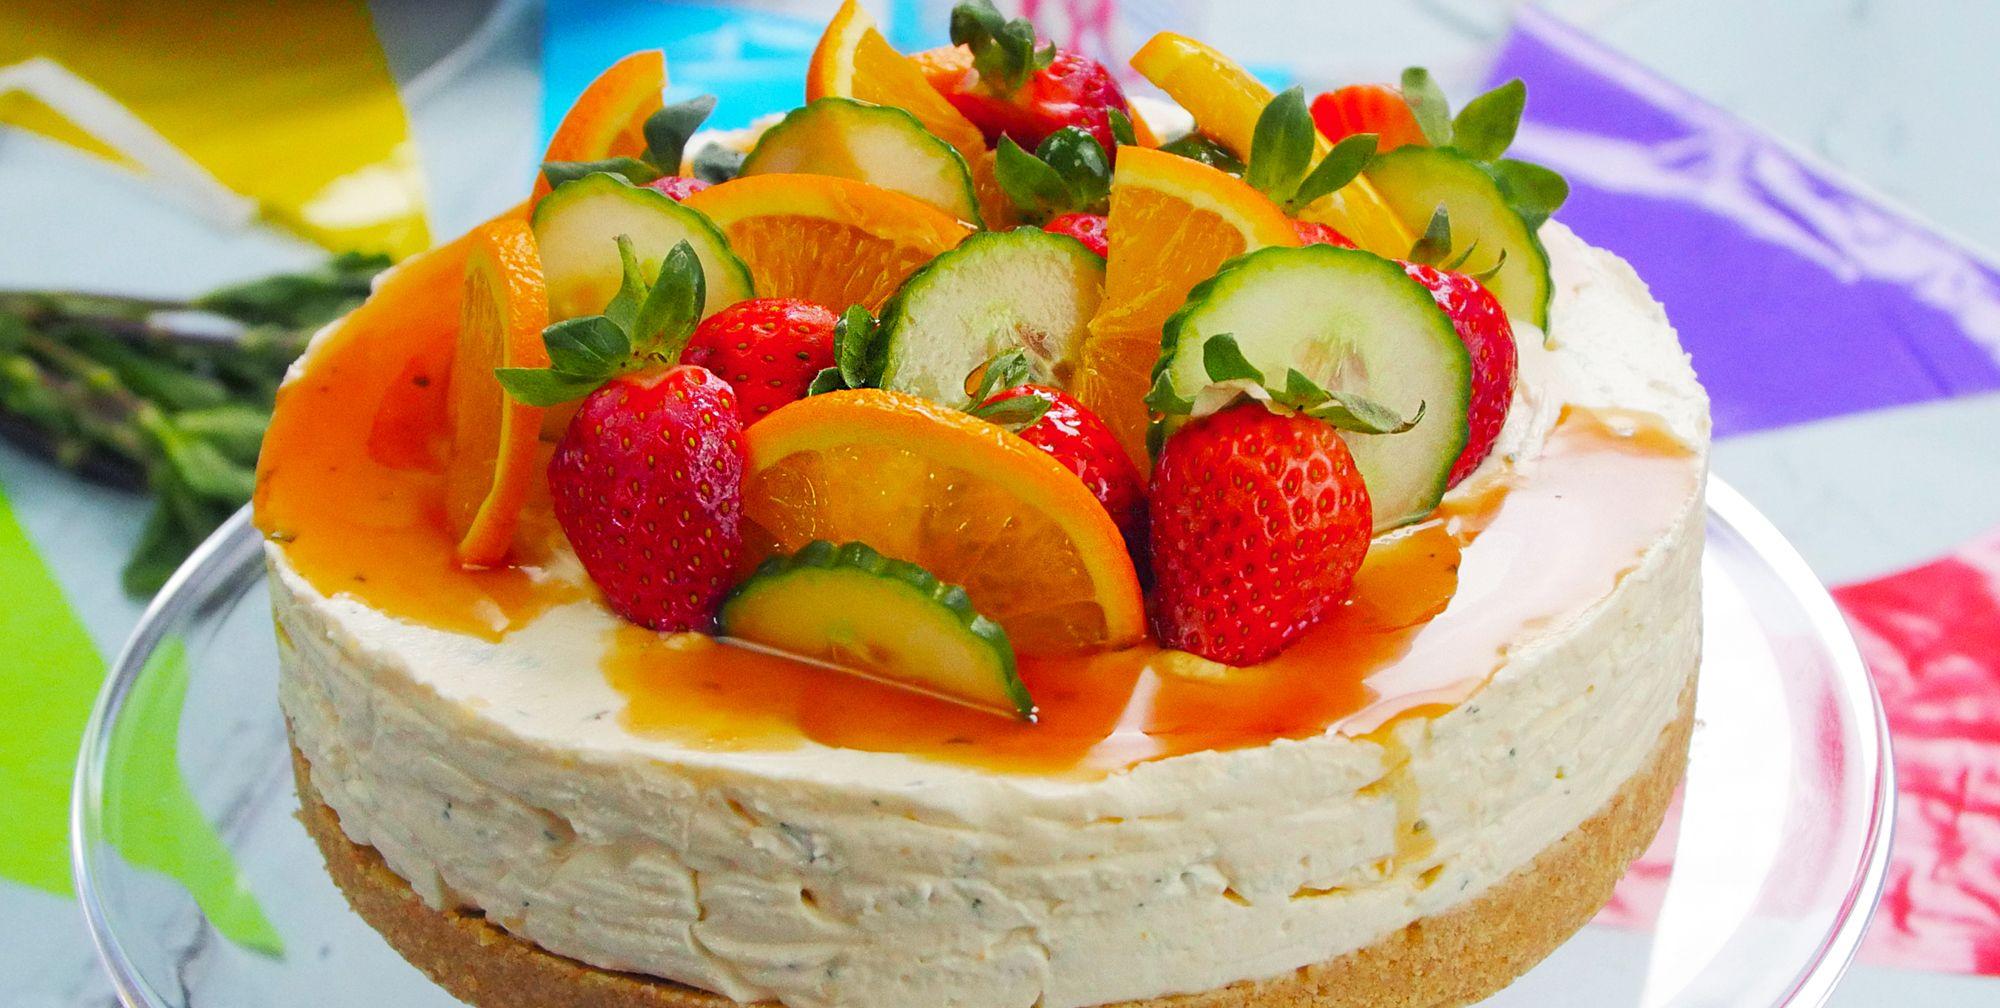 Pimm's cheesecake